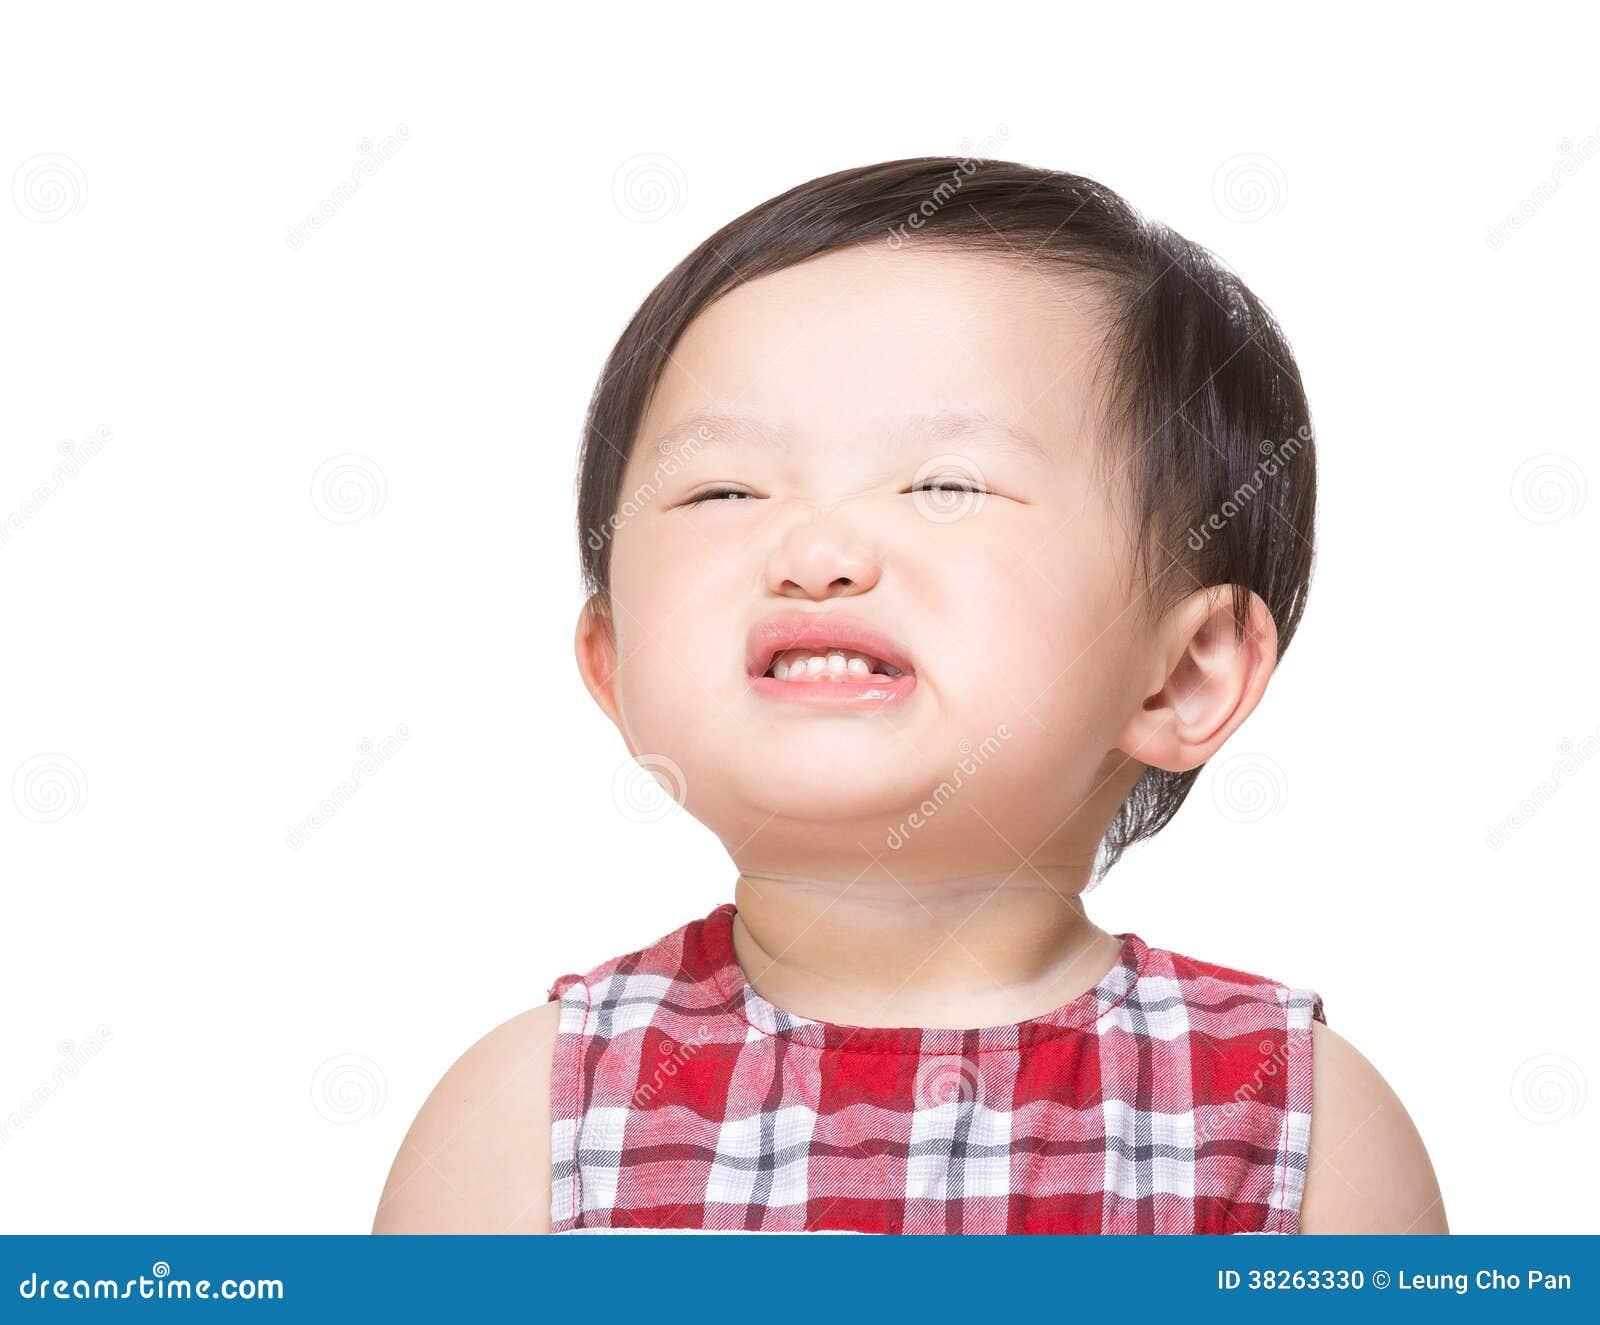 asiatisches baby das lustiges gesicht macht stockfoto bild 38263330. Black Bedroom Furniture Sets. Home Design Ideas